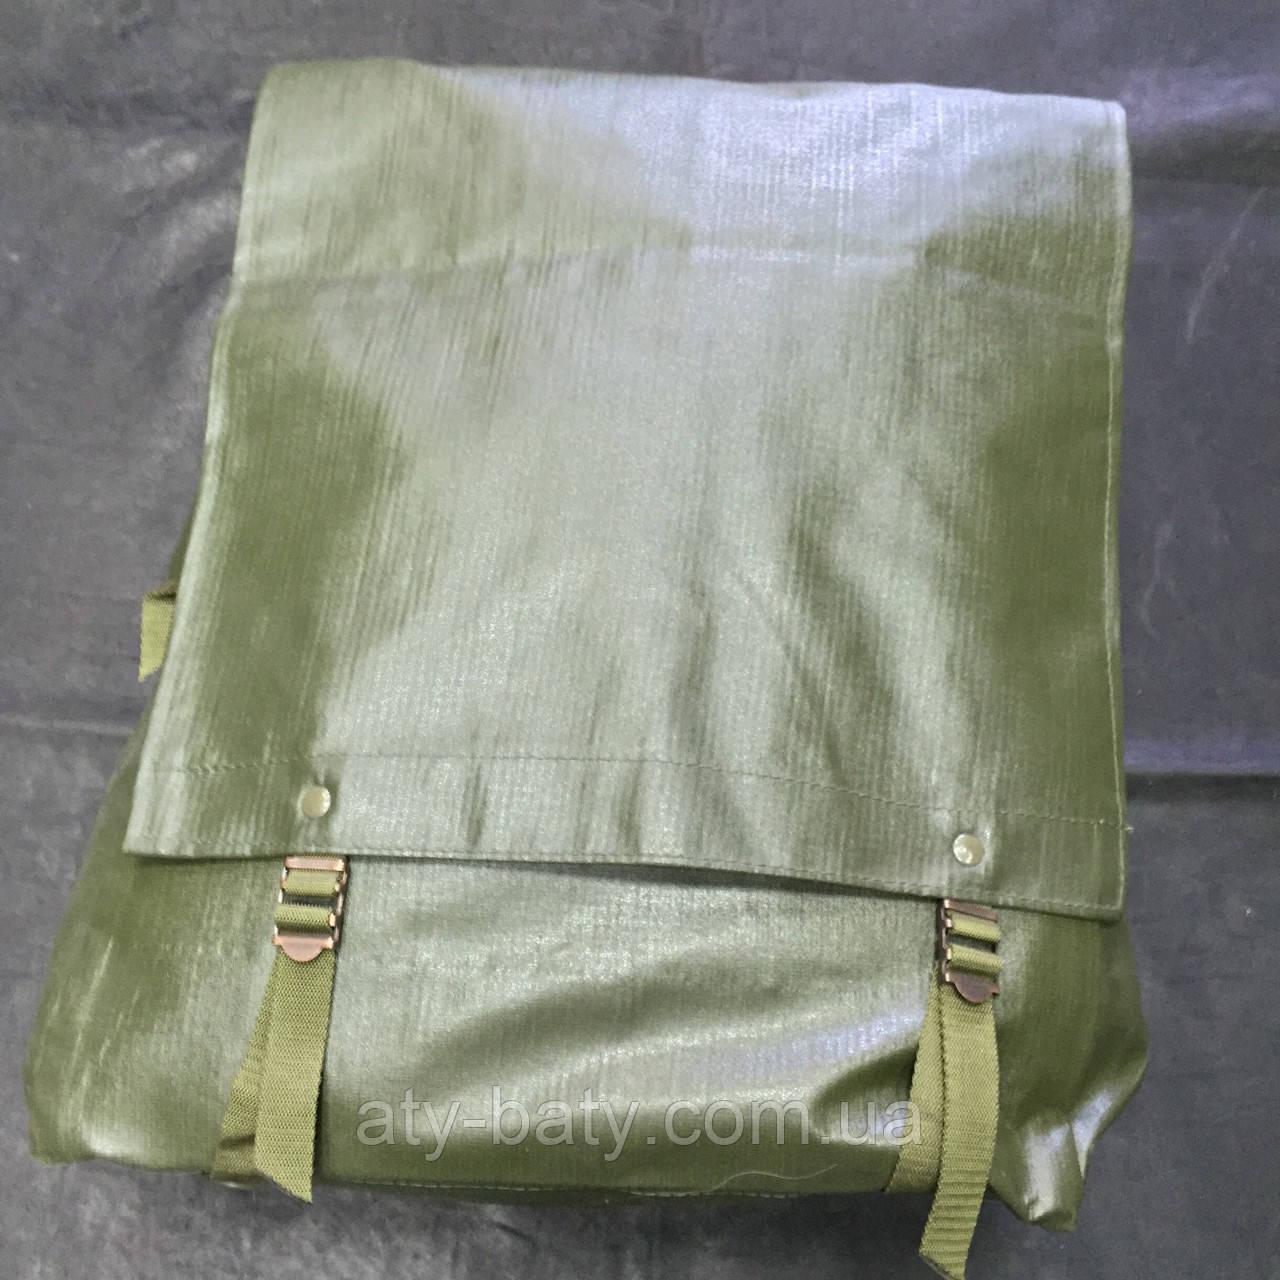 Контрактный рюкзак армии Чехословакии М85